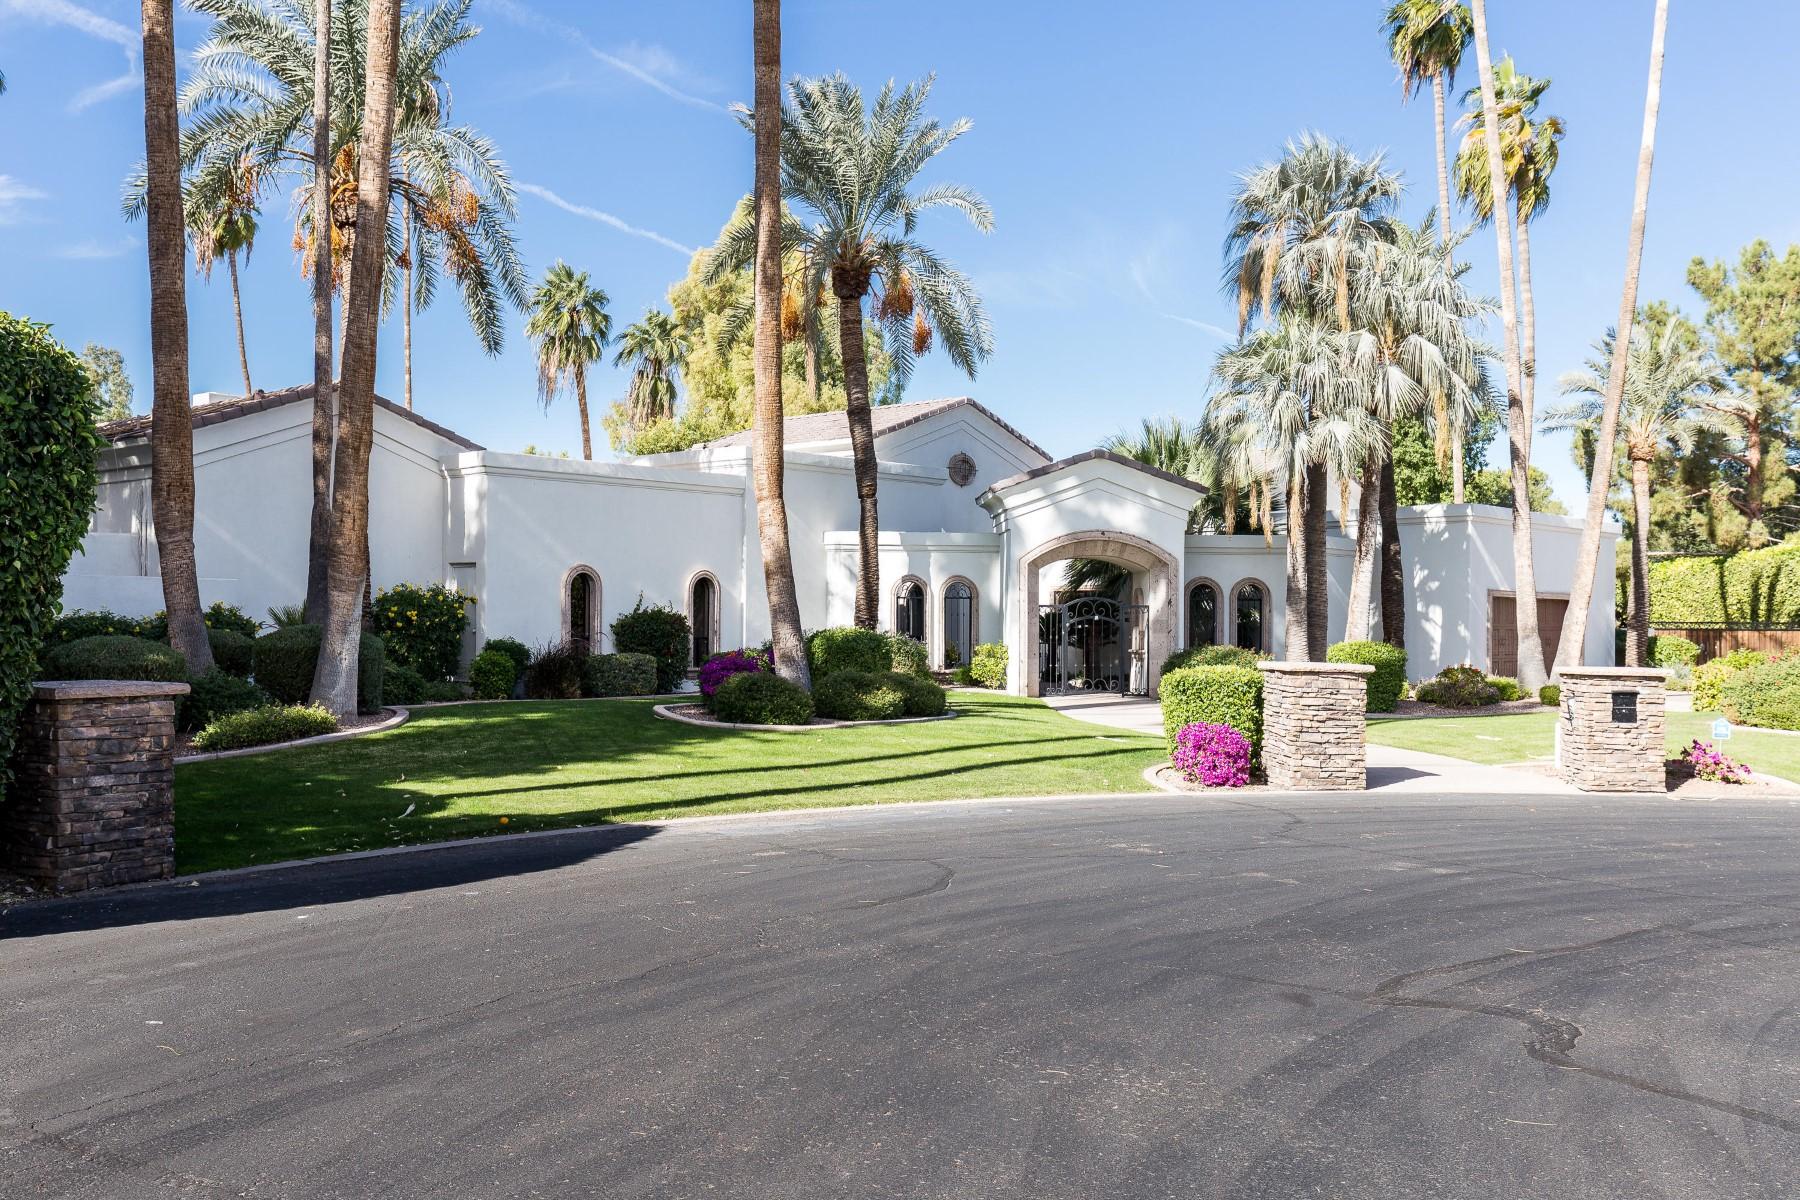 一戸建て のために 売買 アット Paradise Valley home in Camelback Country Club Estates 4 8436 N Golf Dr, Paradise Valley, アリゾナ, 85253 アメリカ合衆国